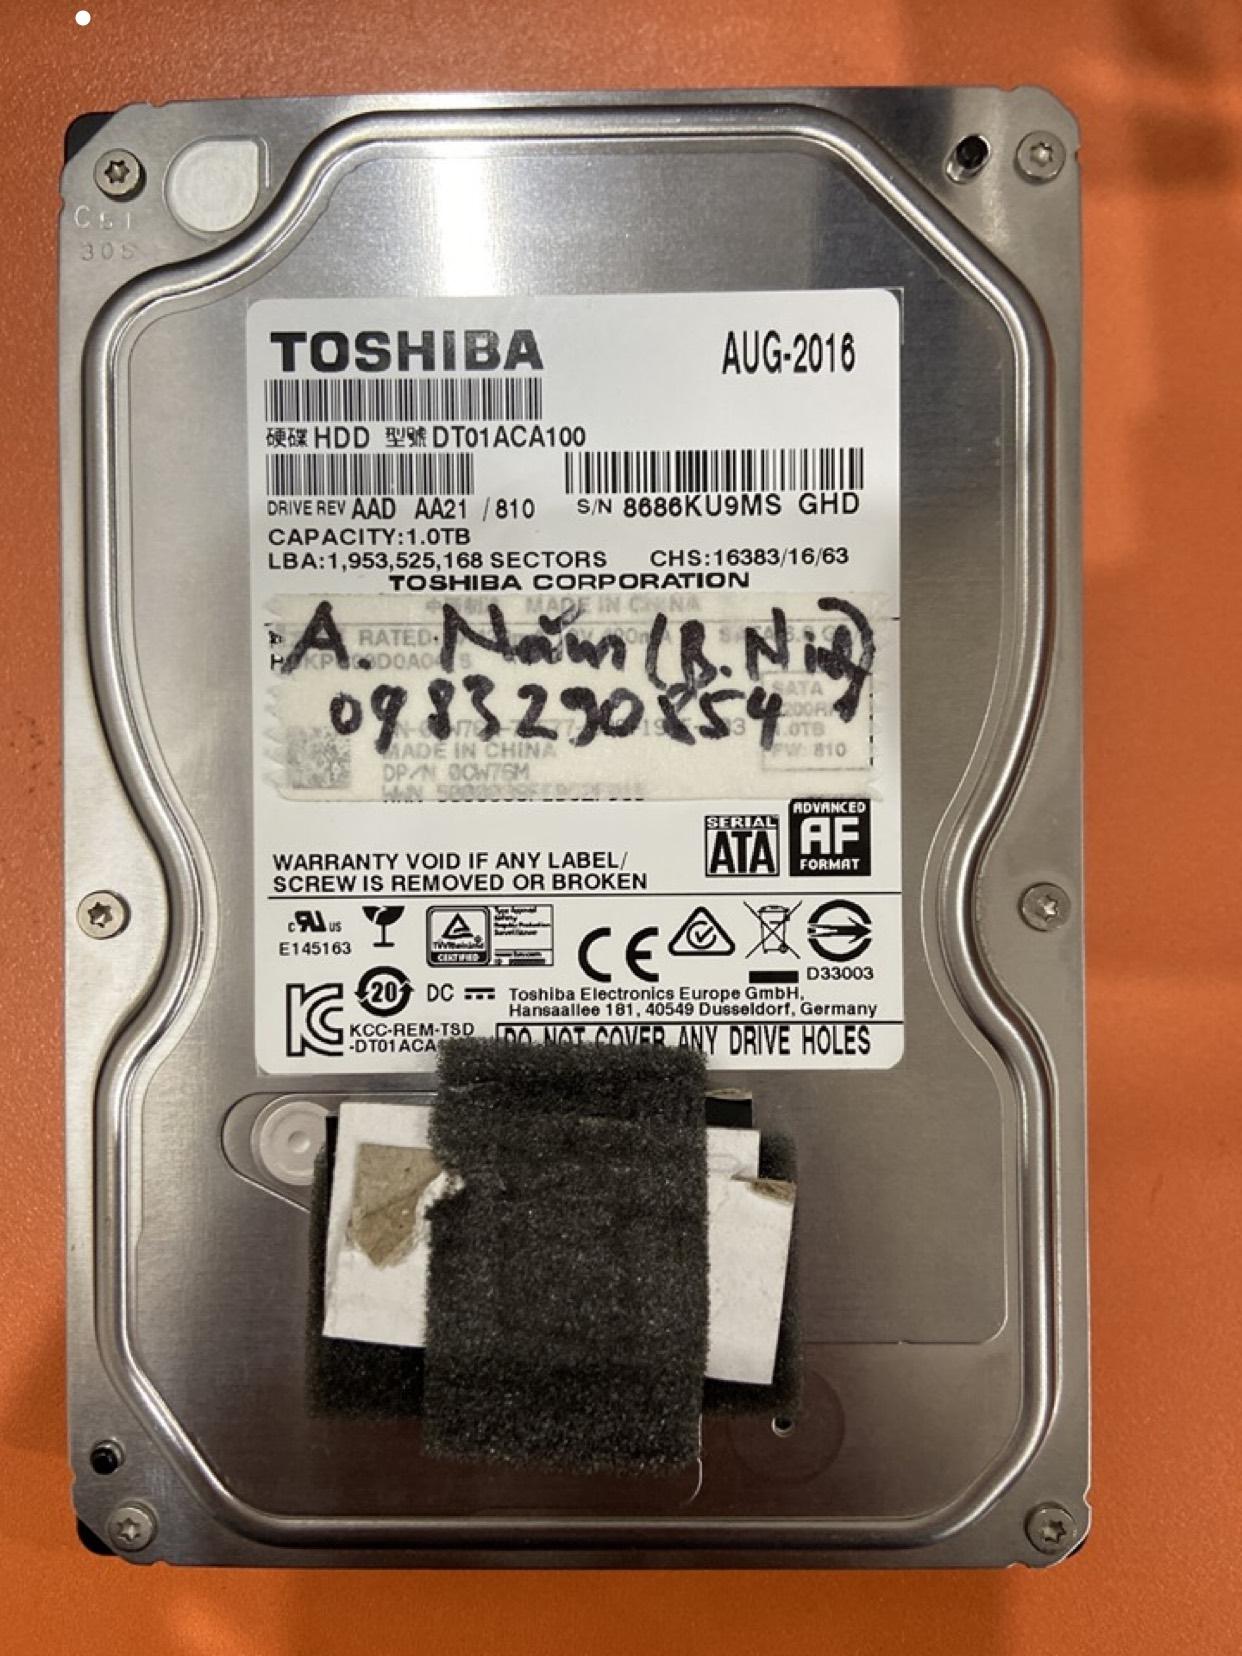 Cứu dữ liệu ổ cứng Toshiba 1TB lỗi đầu đọc tại Bắc Ninh 14/03/2020 - cuumaytinh